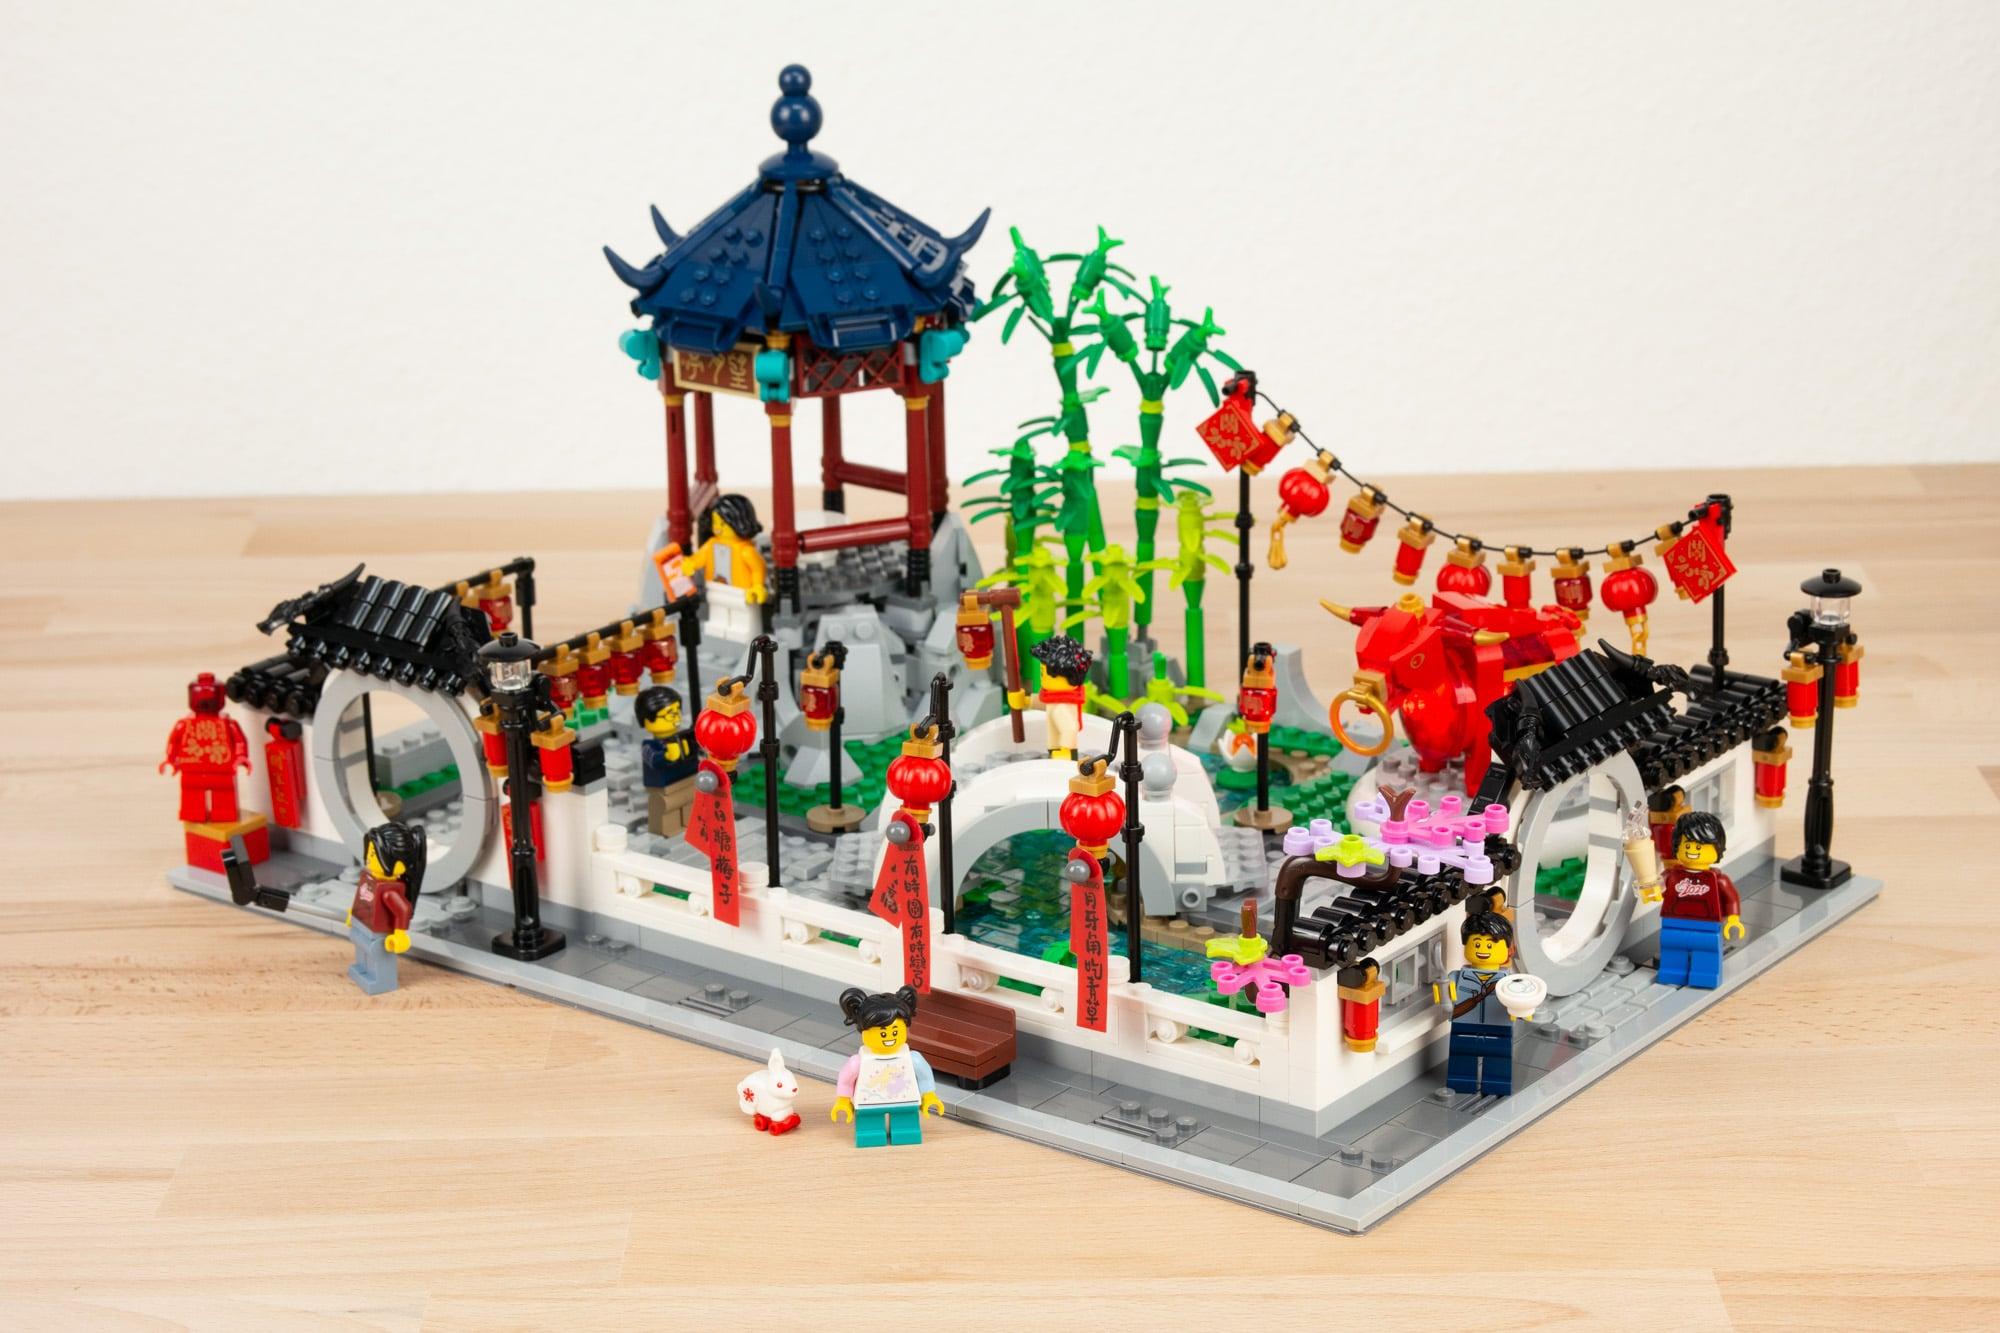 LEGO 80107 Fruehlingslaternenfest Chinesisches Neujahr 70